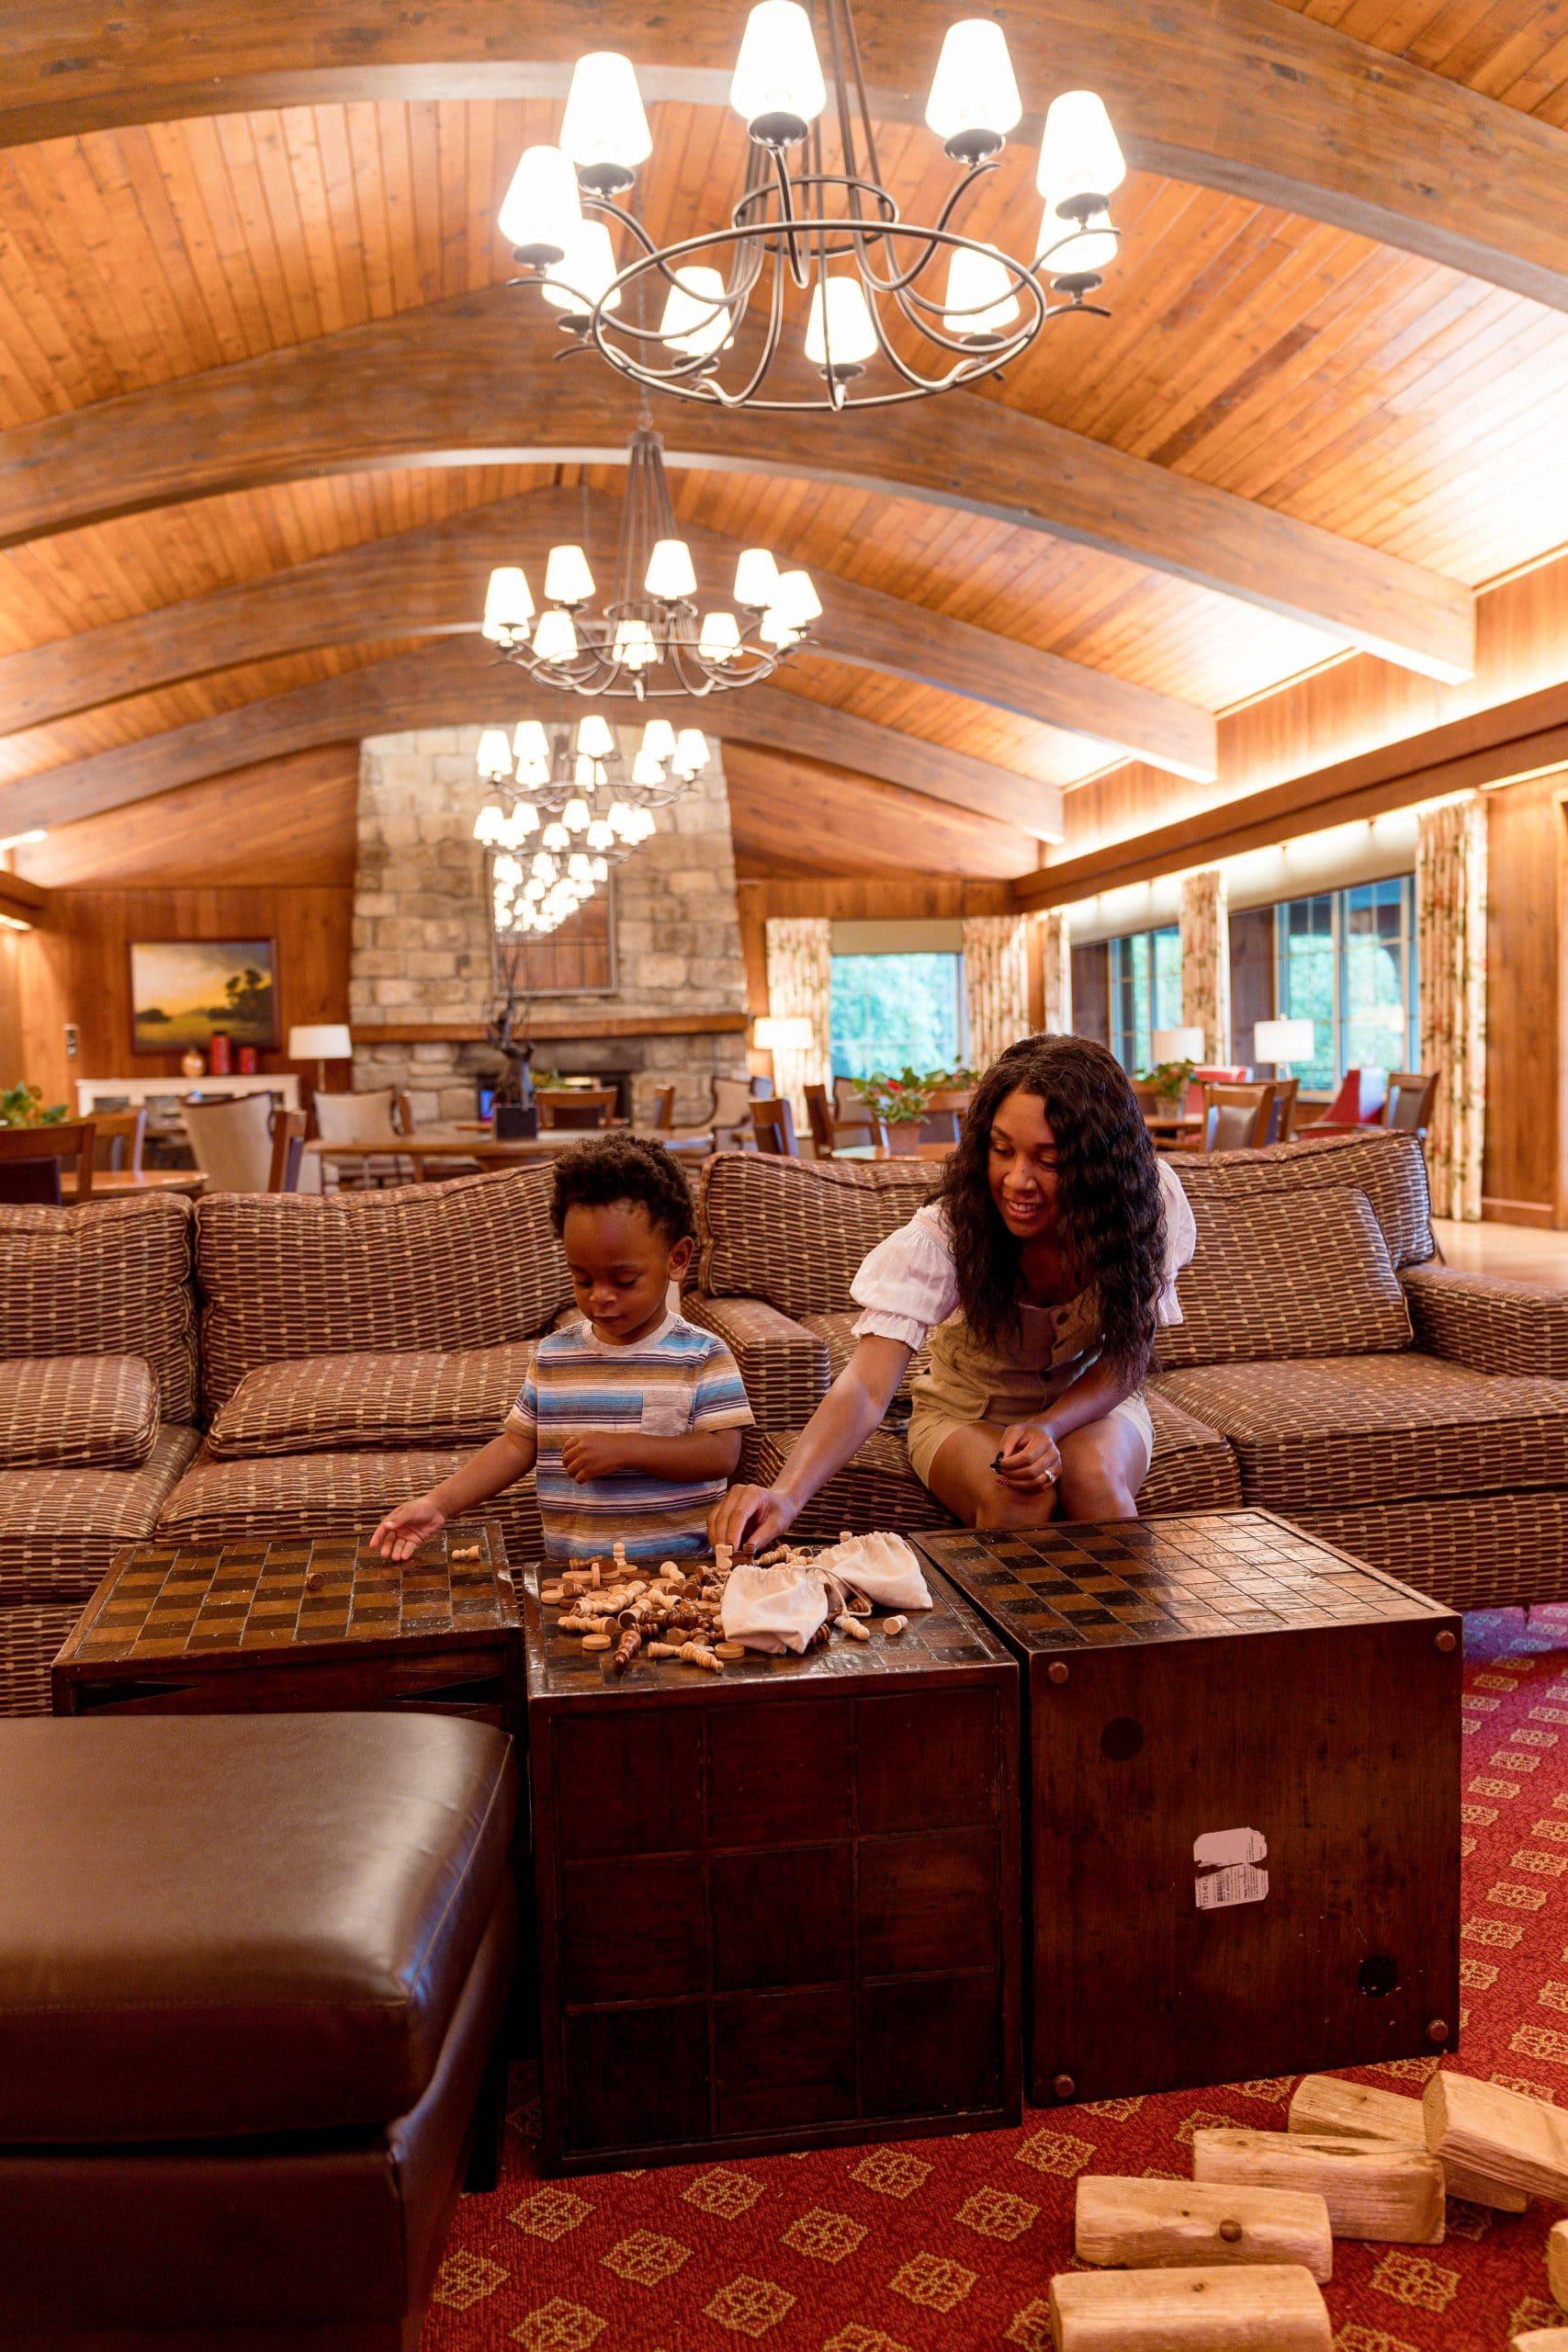 livinglesh oglebay resort wheeling west virginia